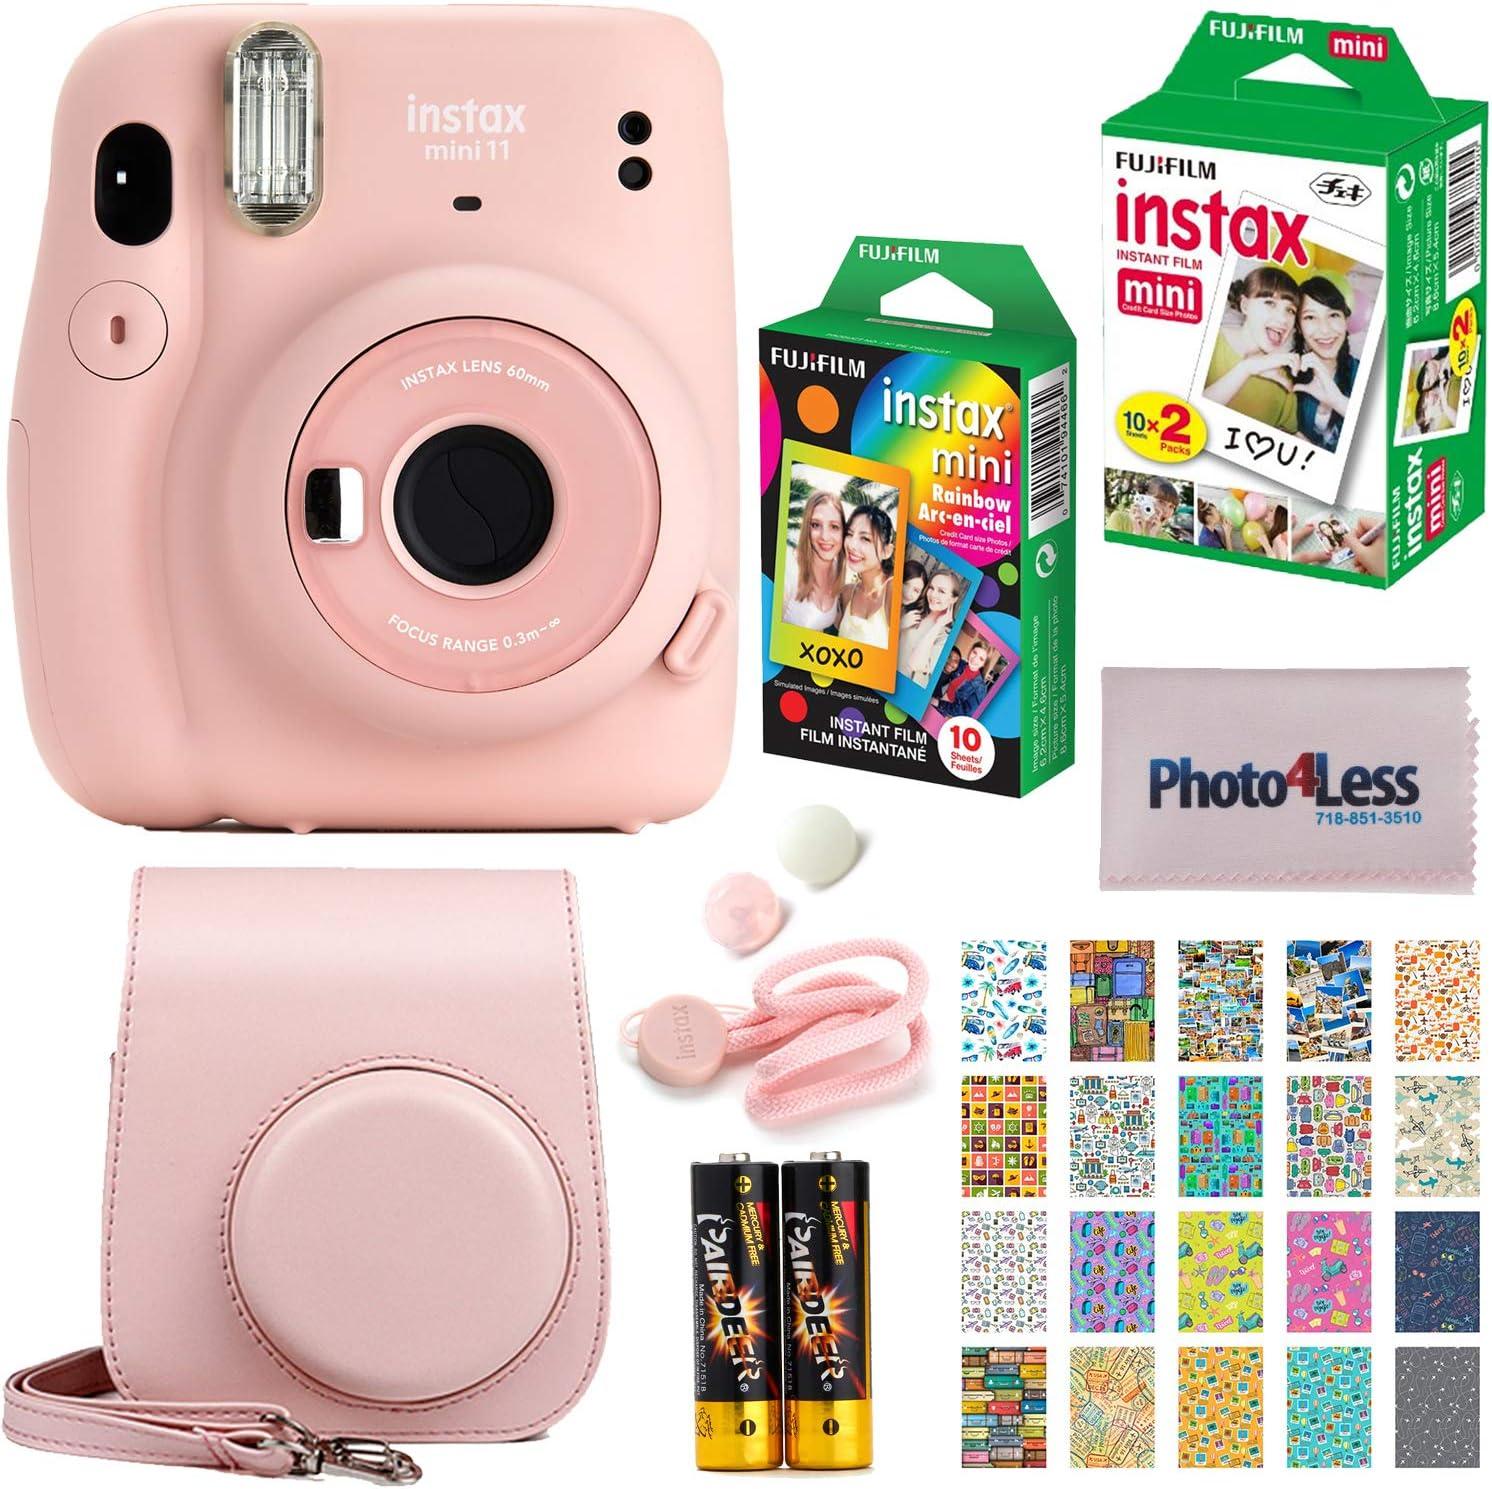 Blush Pink /& Mini Instant Film 20 Blatt Wei/ß instax Mini 11 Camera 2X 10 Blatt